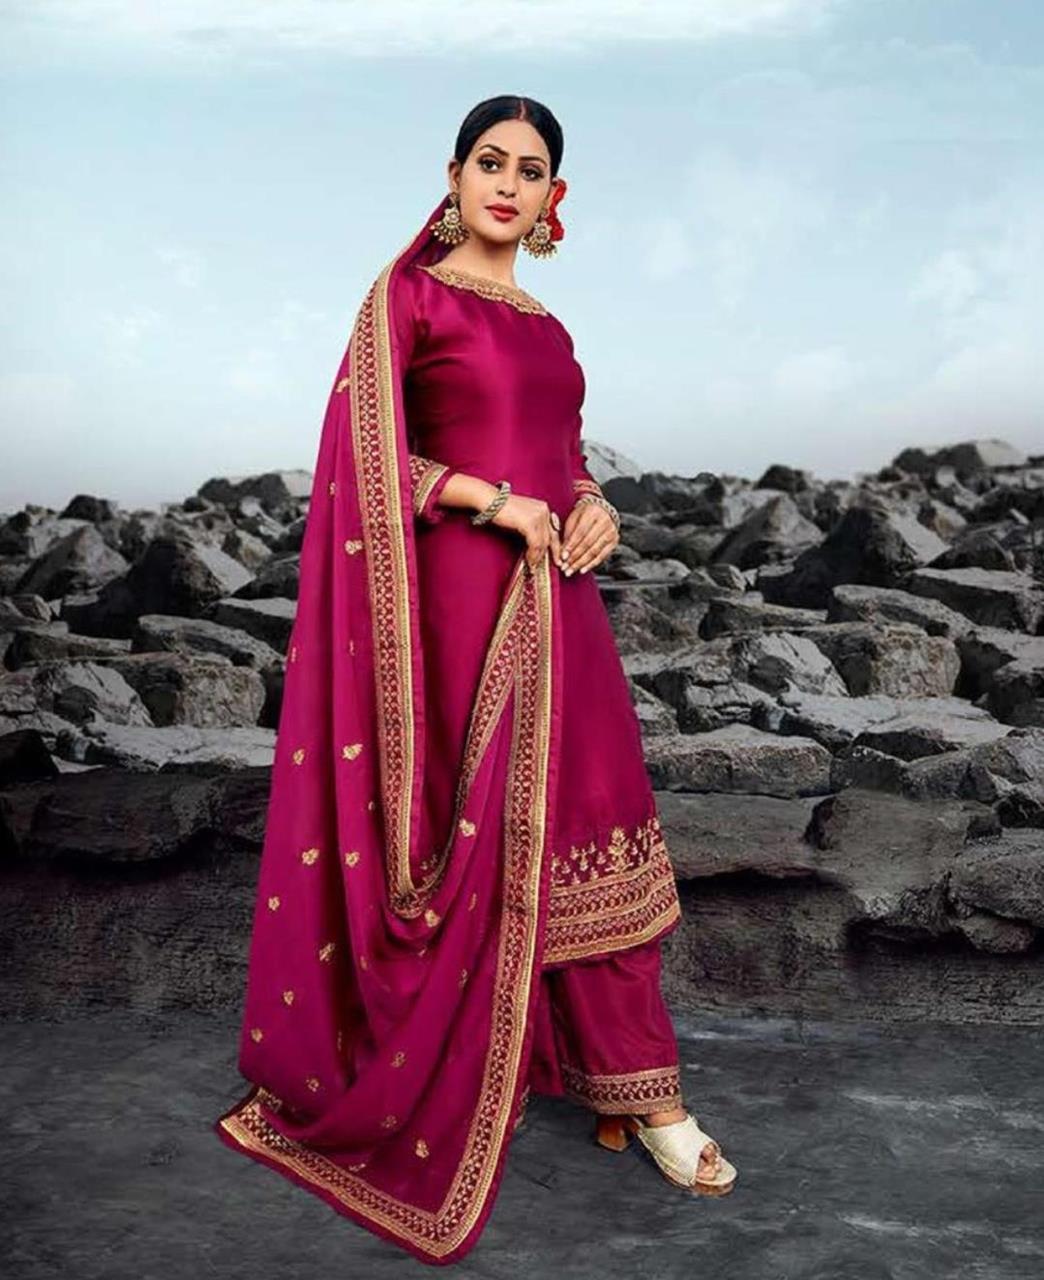 Resham Georgette Straight cut Salwar Kameez in Maroon Pink